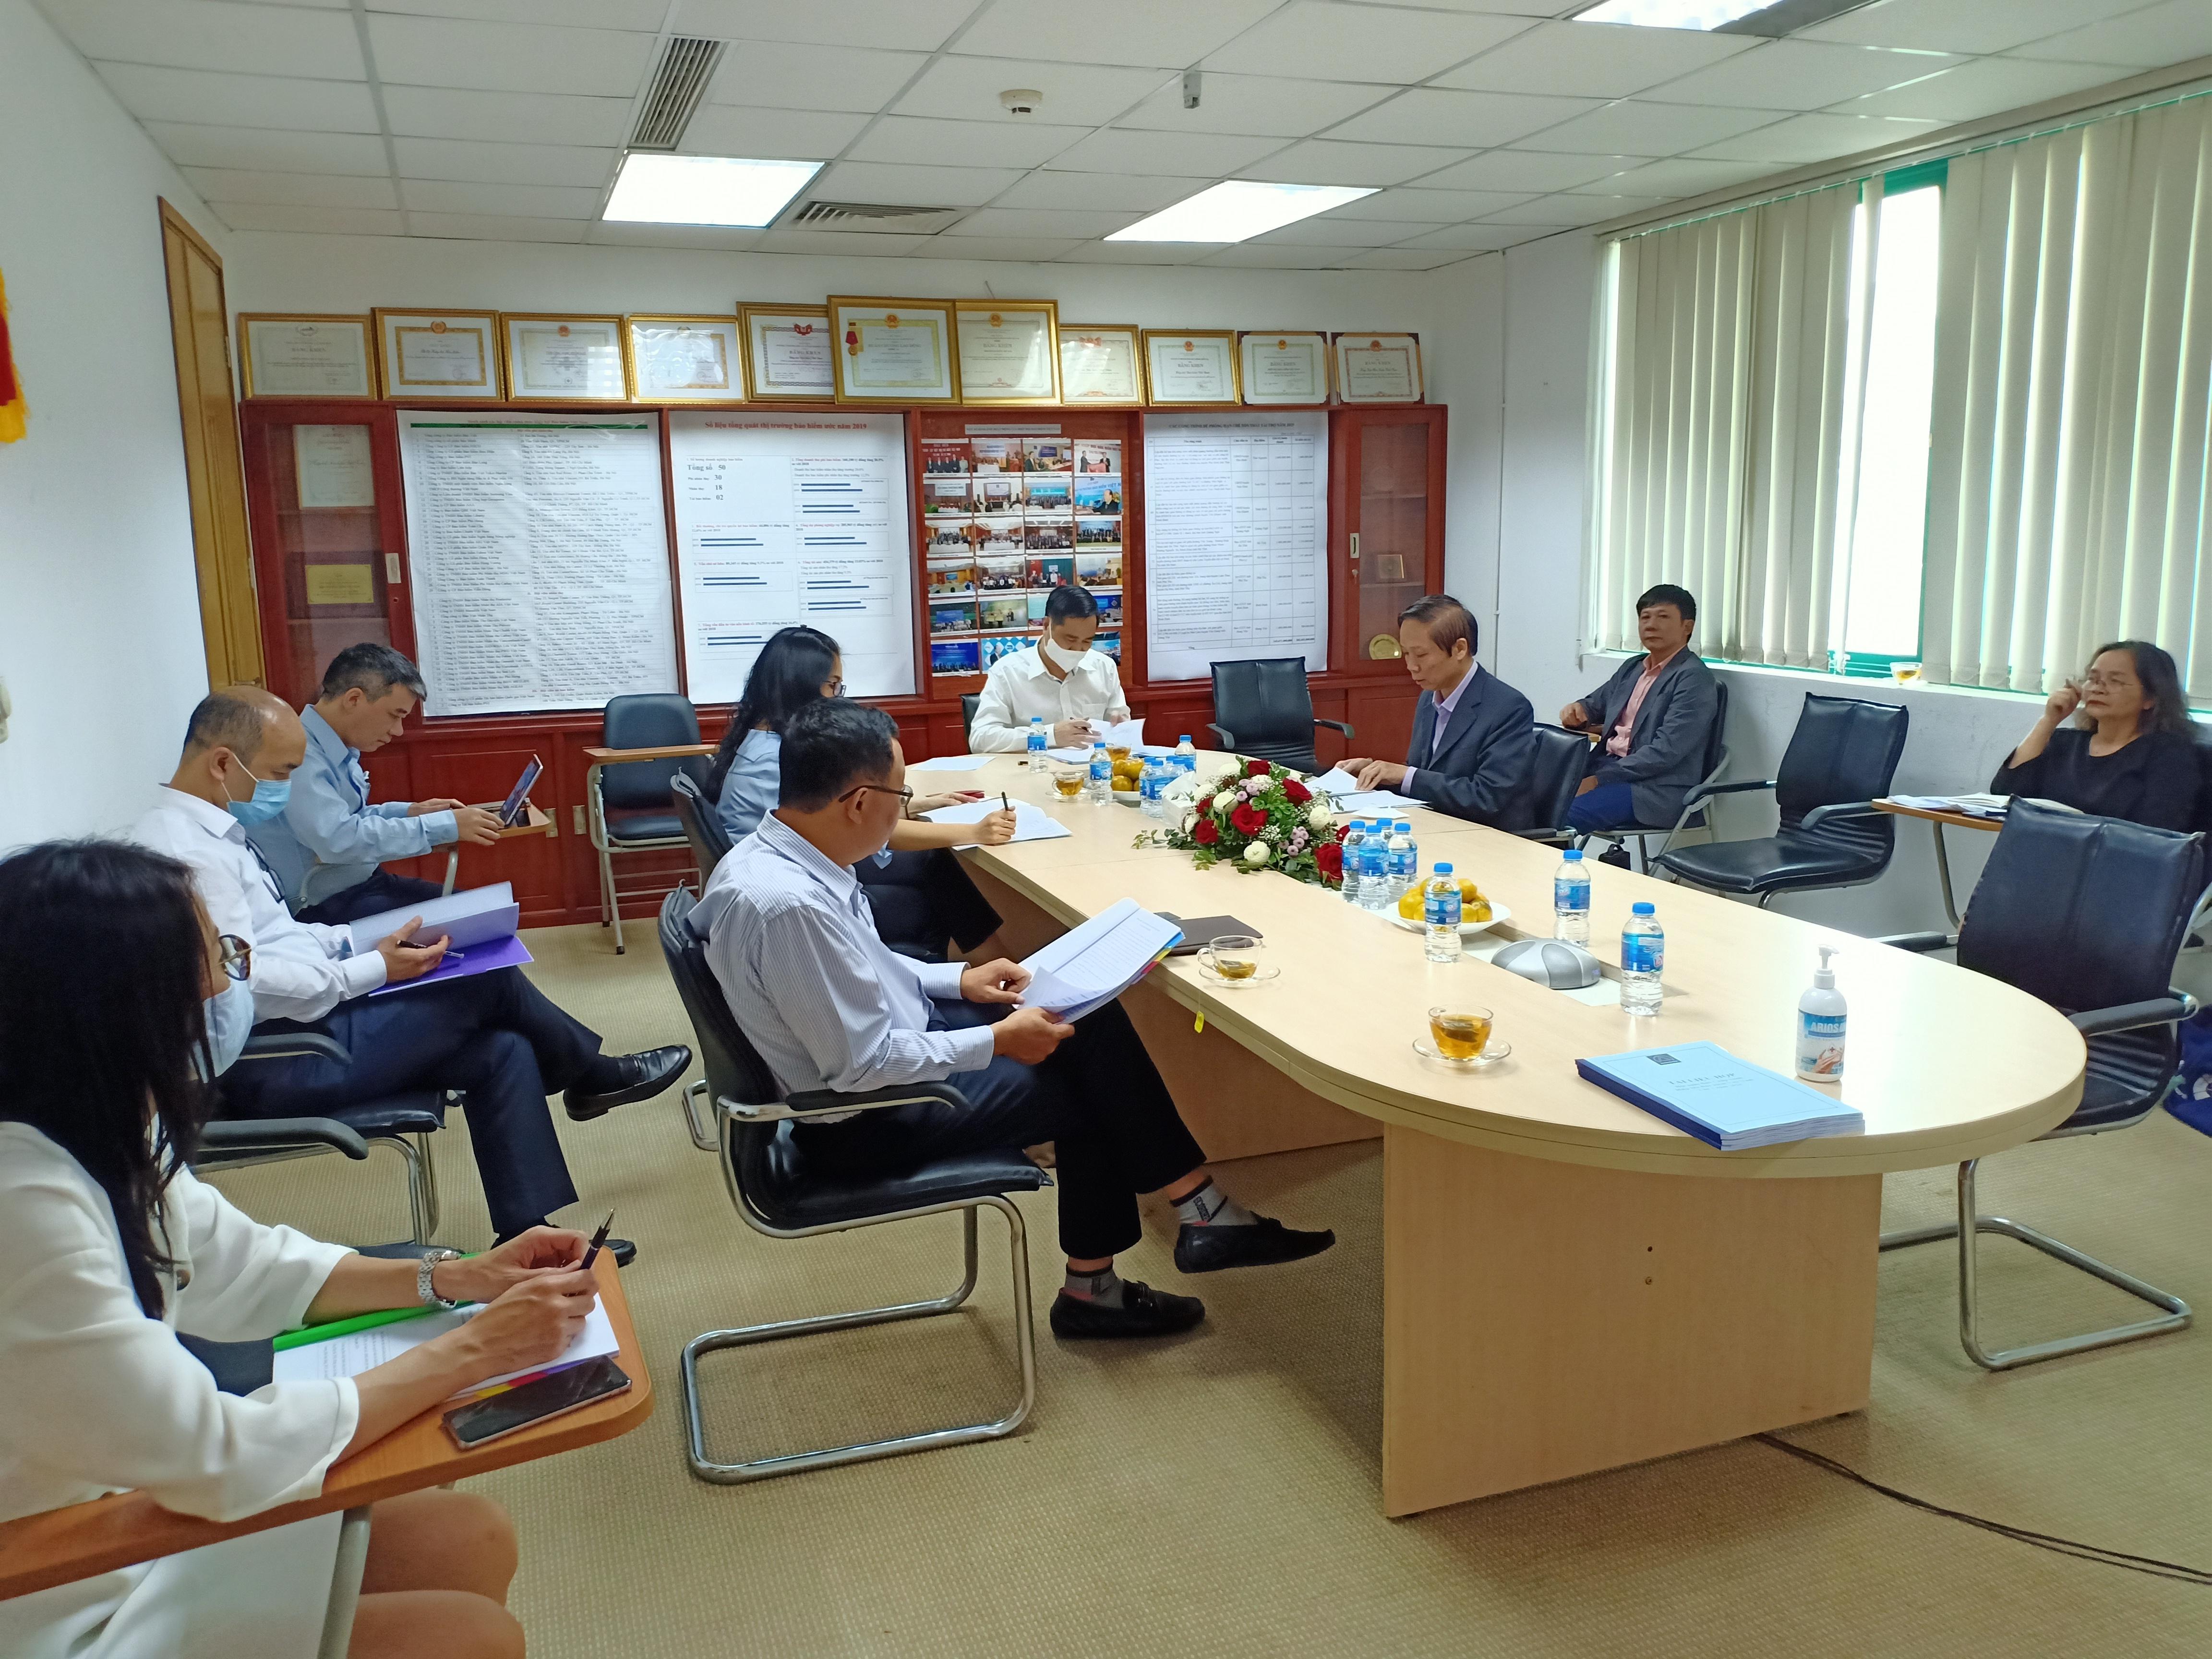 Họp Ban Chấp hành Hiệp hội Bảo hiểm Việt Nam